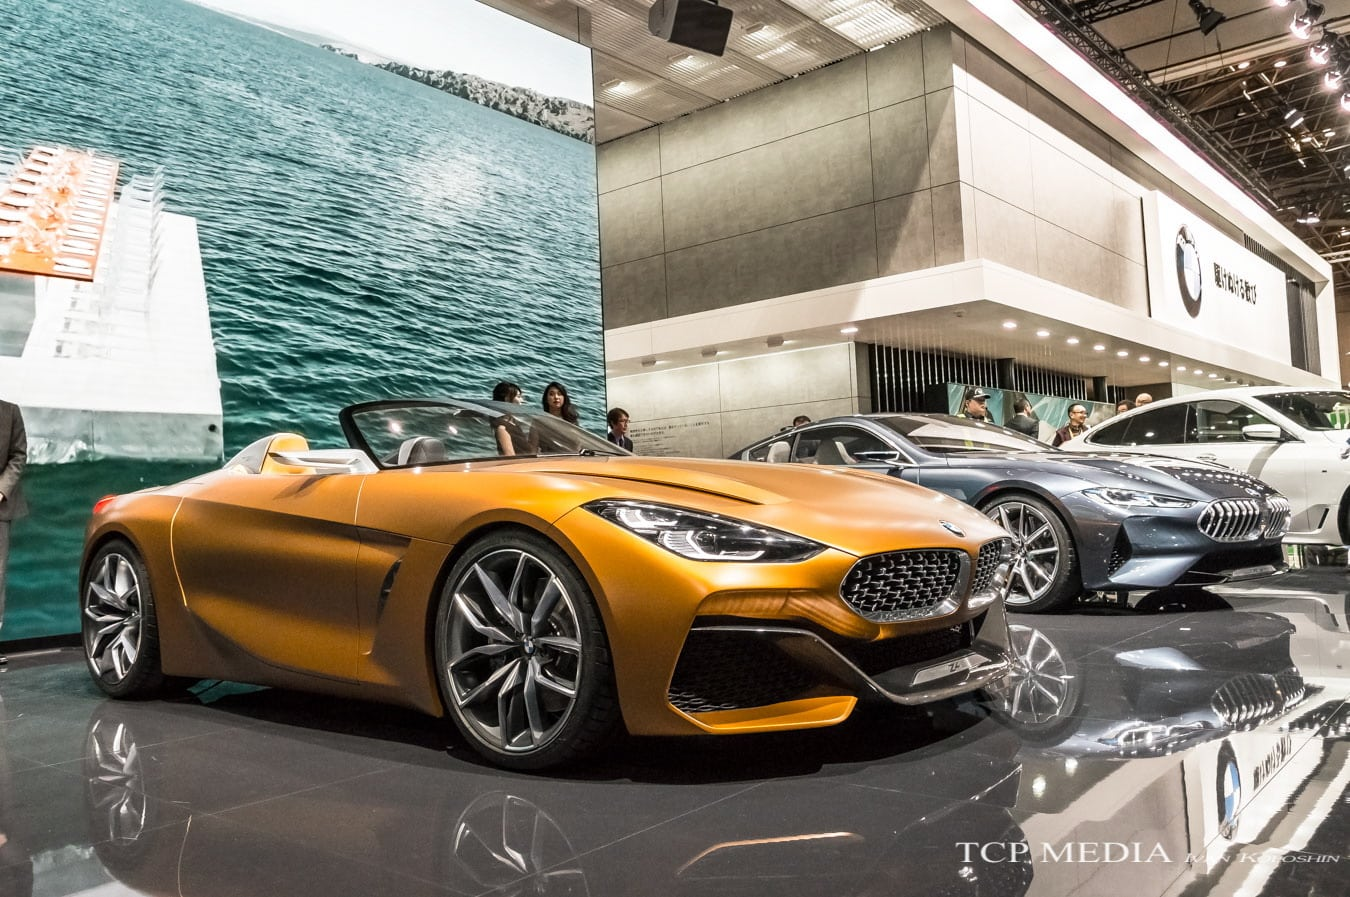 BMW в Японии: изучаем экспозицию BMW на Tokio Motor Show 2017